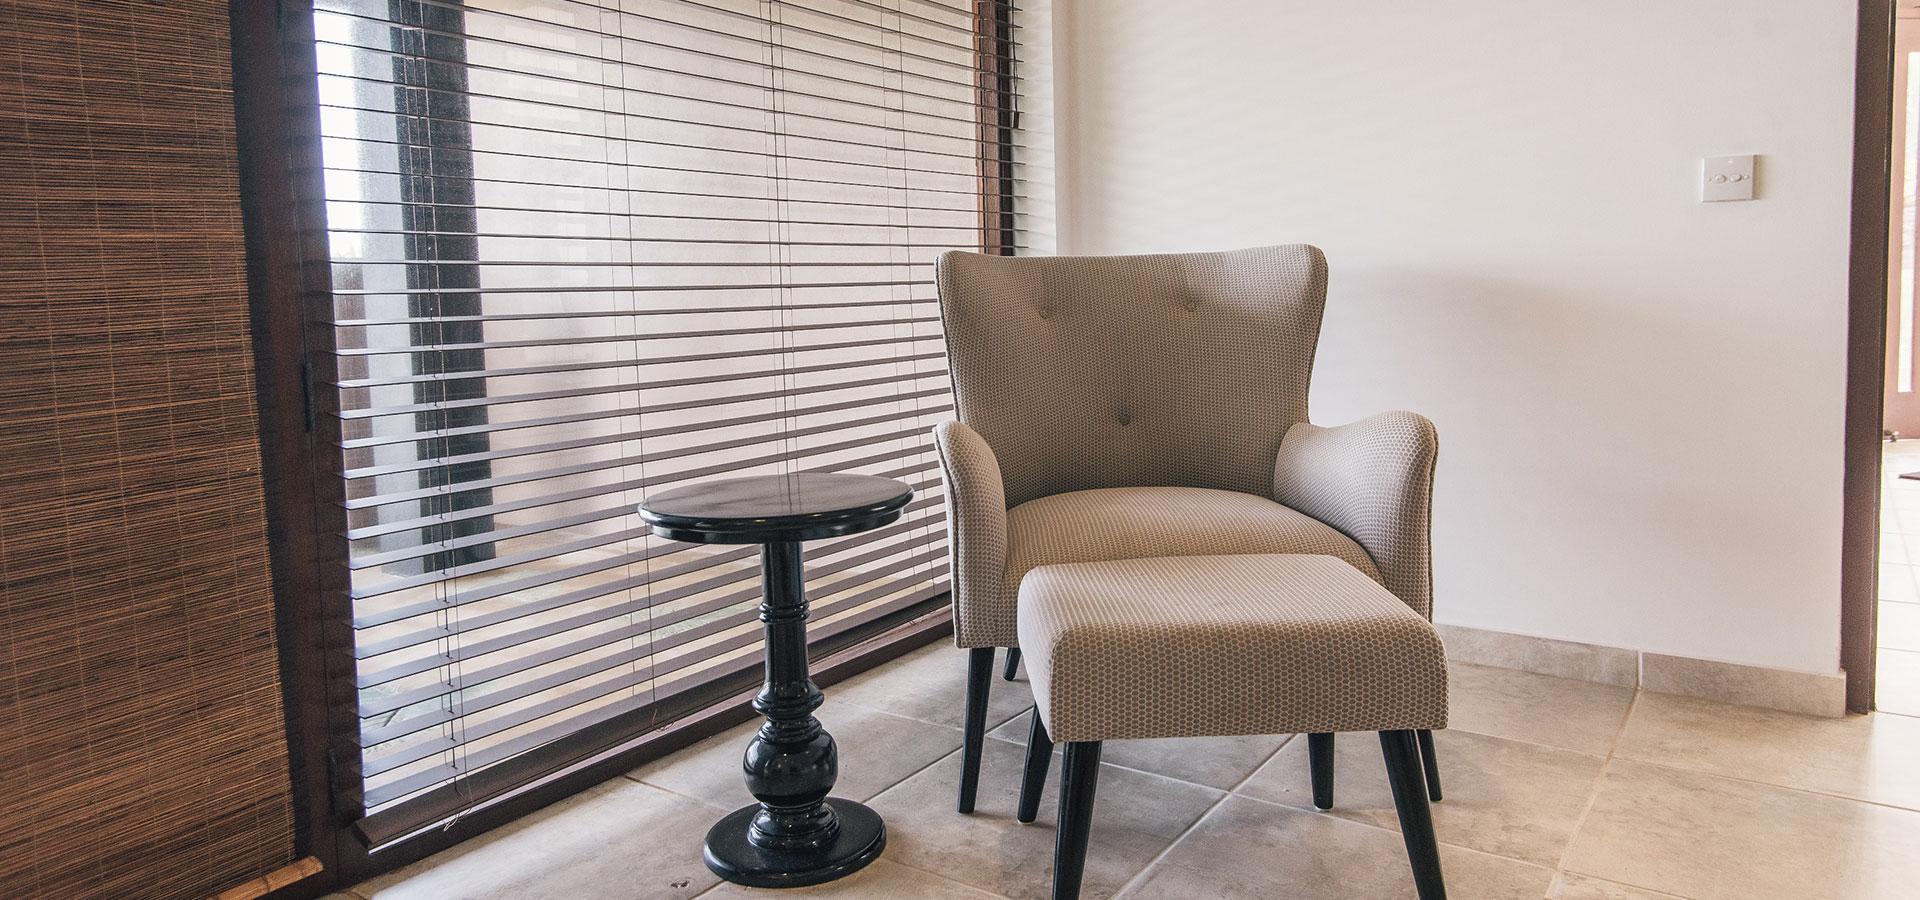 Serendipity_Hotels_comfortable facilities at villa thuya